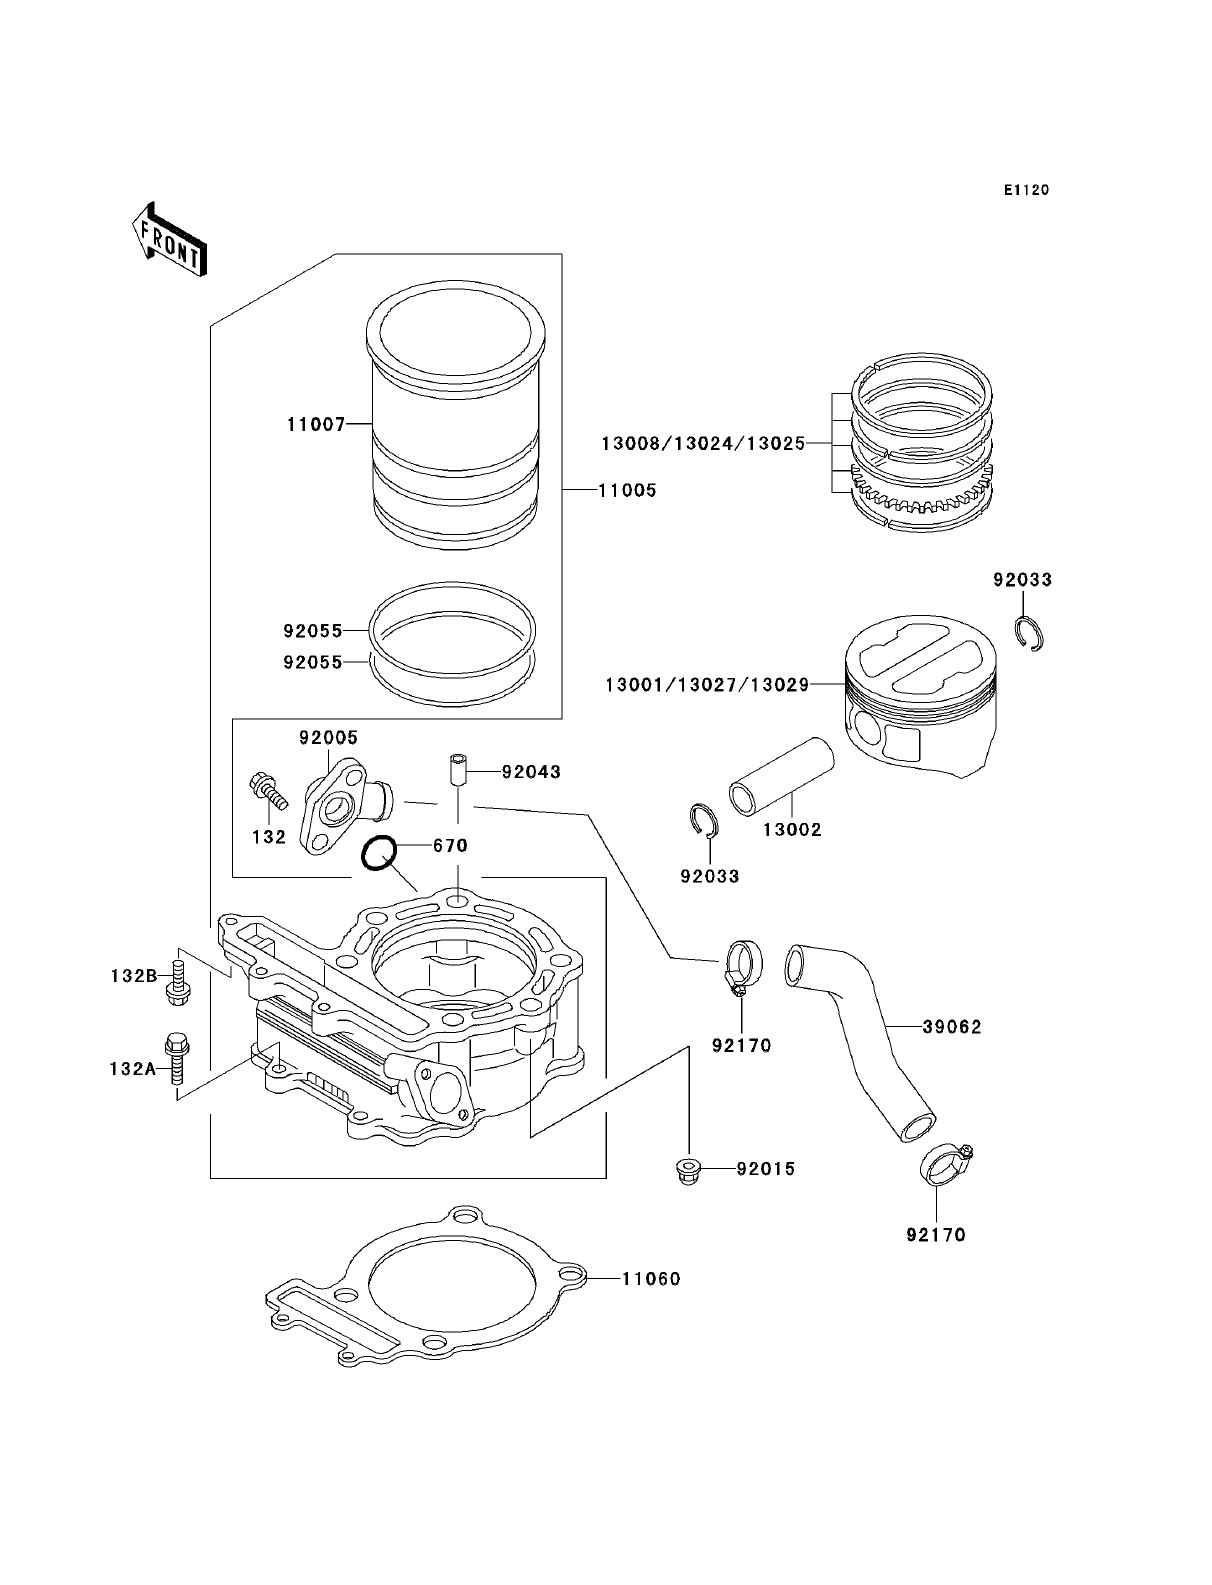 Air Brake Parts Diagram Kawasaki Klr250 Kawasaki Klr250